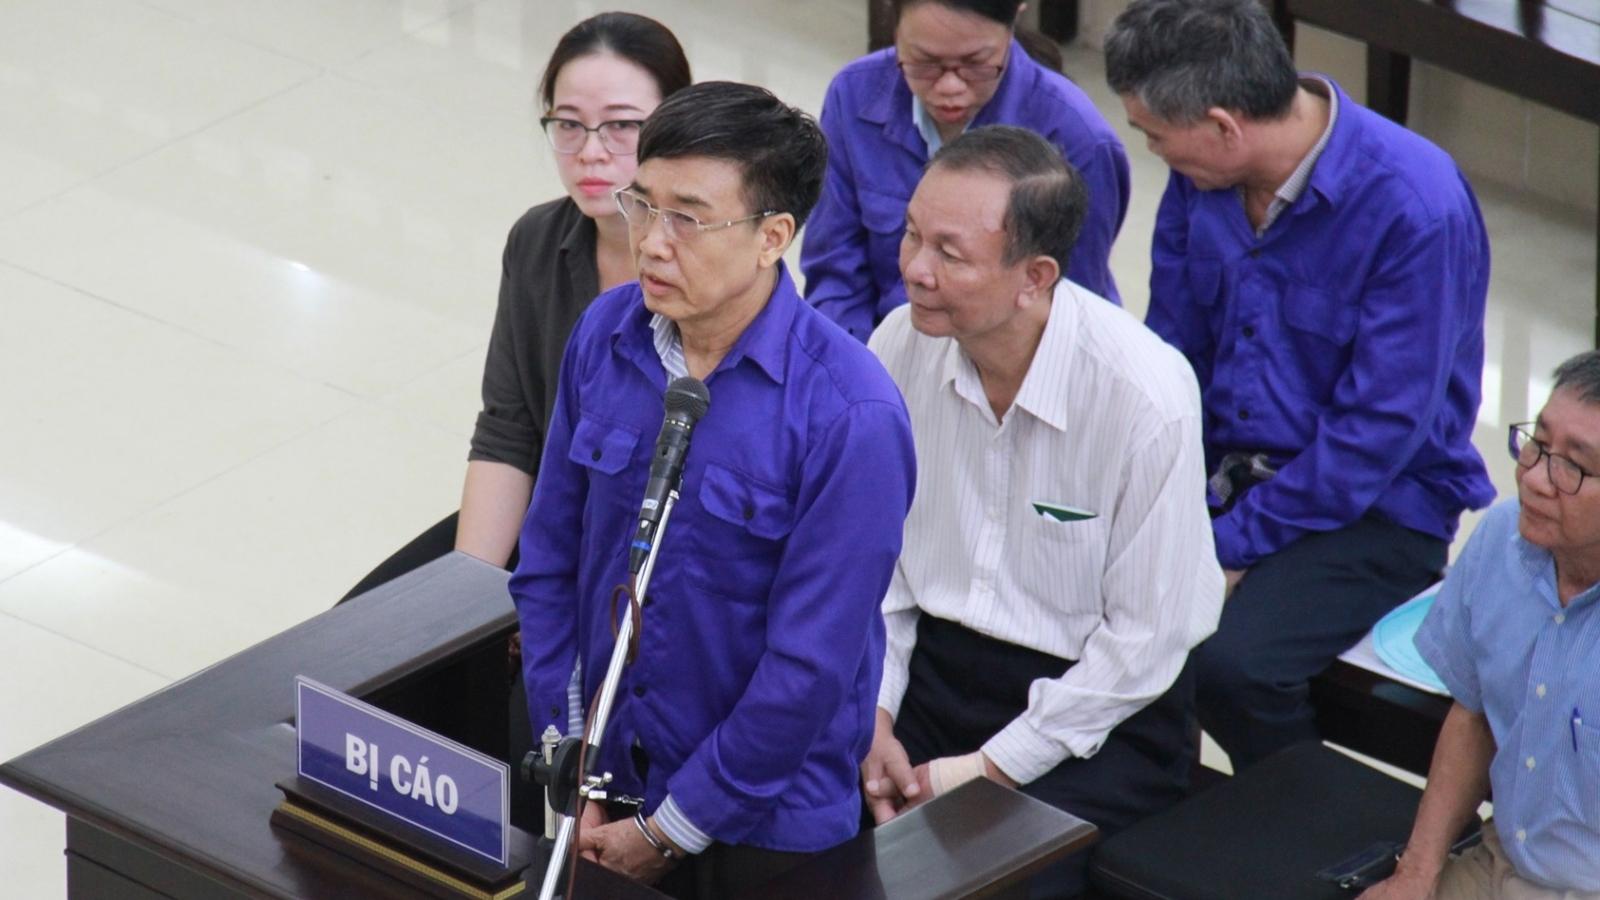 Đề nghị Ban Bí thư thi hành kỷ luật nguyên lãnh đạo Bảo hiểm xã hội Việt Nam